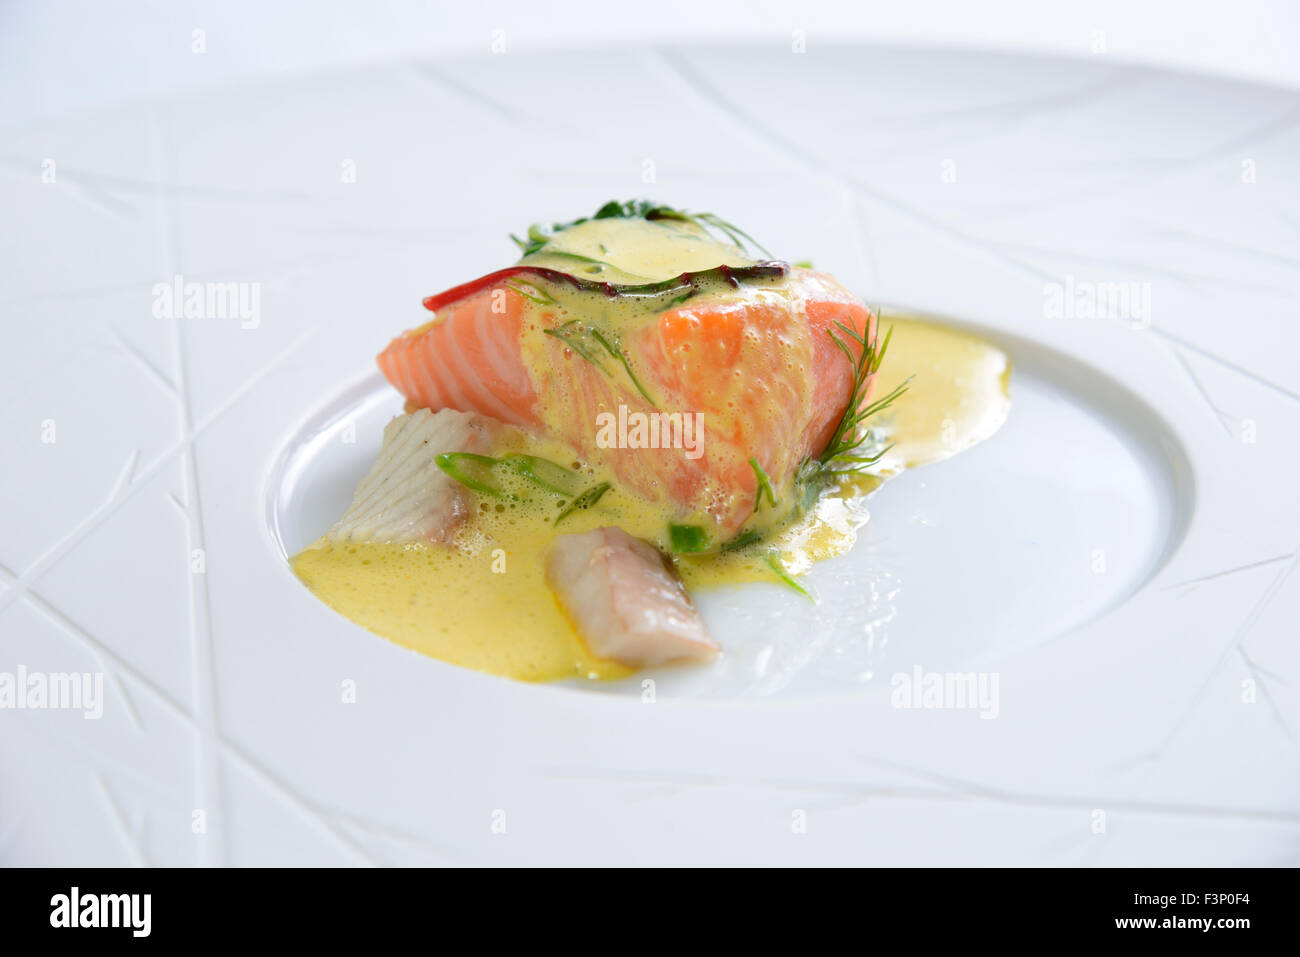 Nouvelle cuisine gourmet salmon fish dish stock photo for Nouvelle cuisine